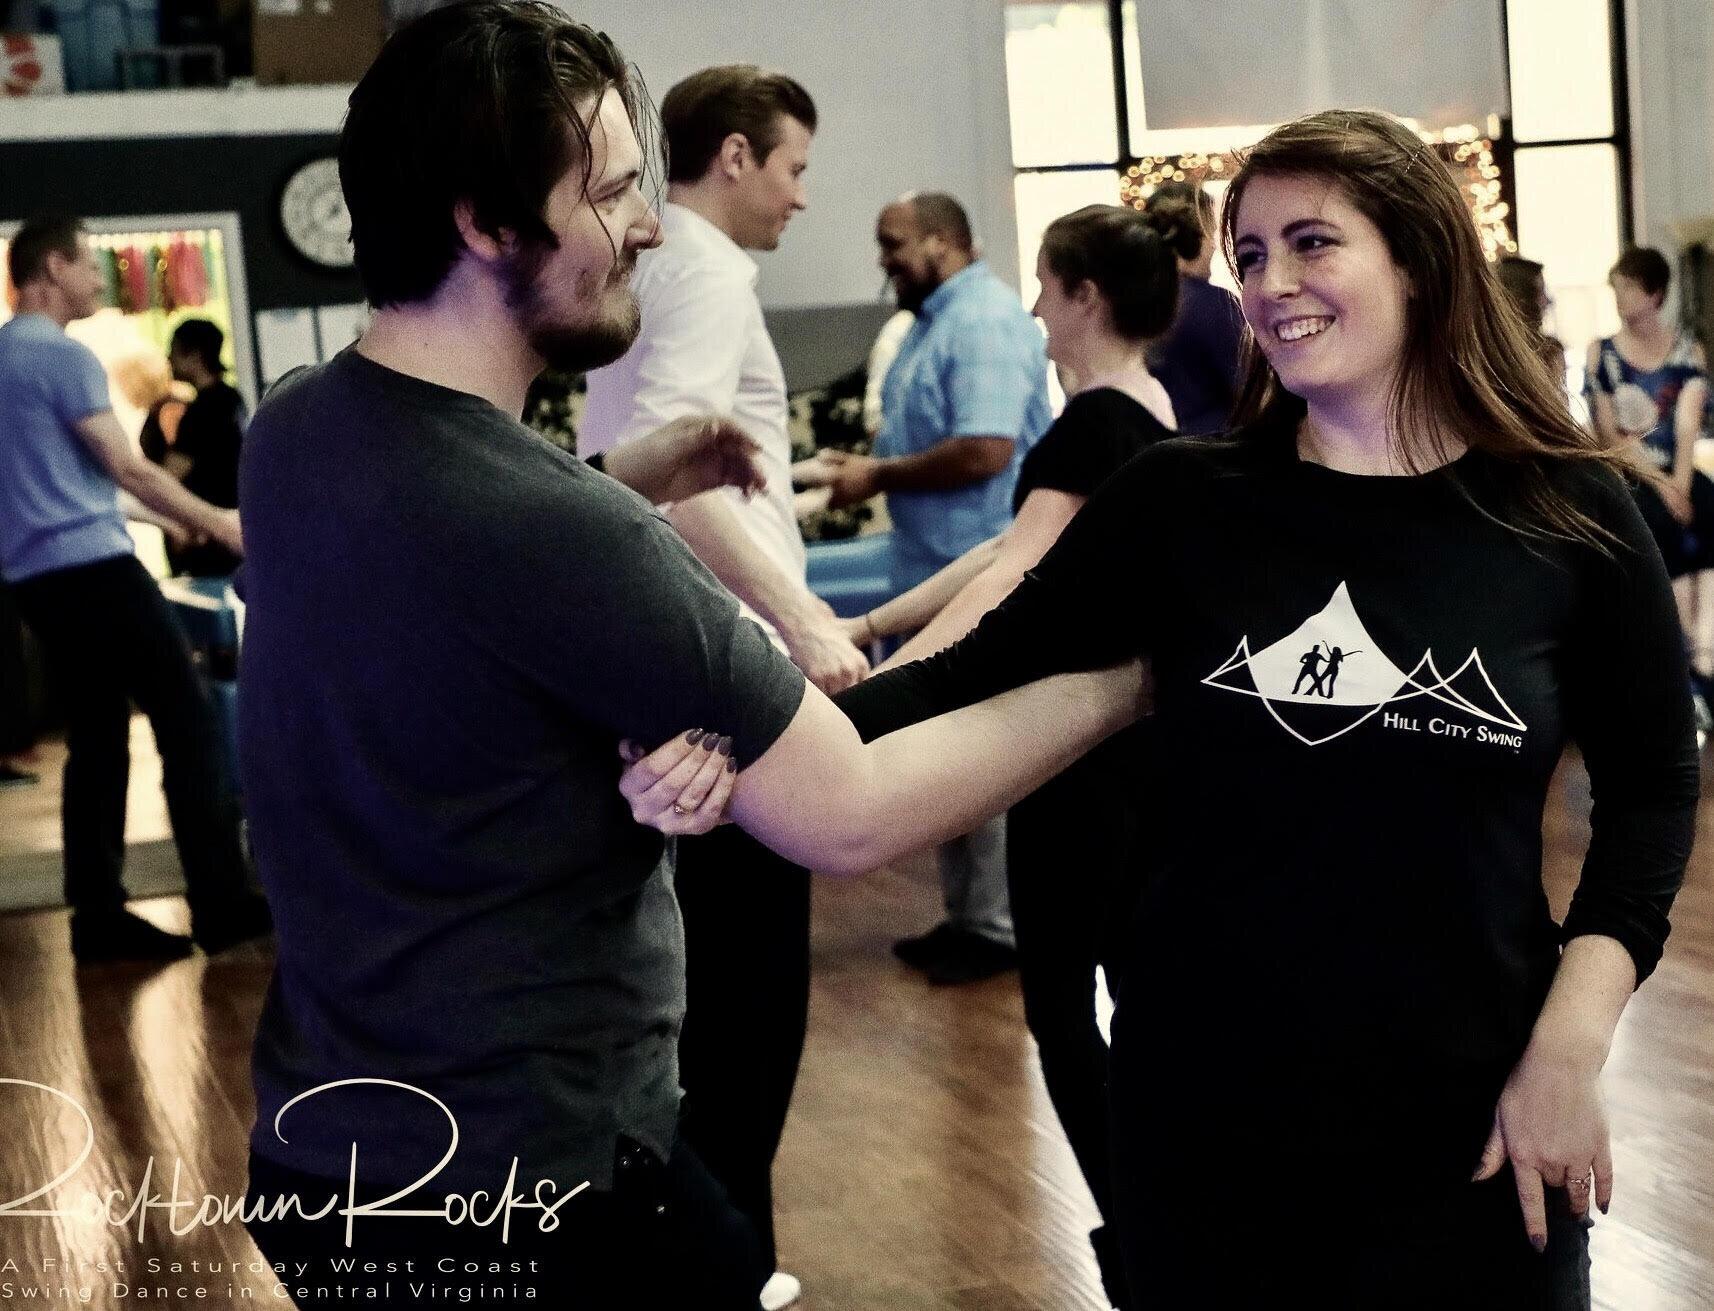 Jason & Rachel - Community Dance EnthusiastsDance Instructors